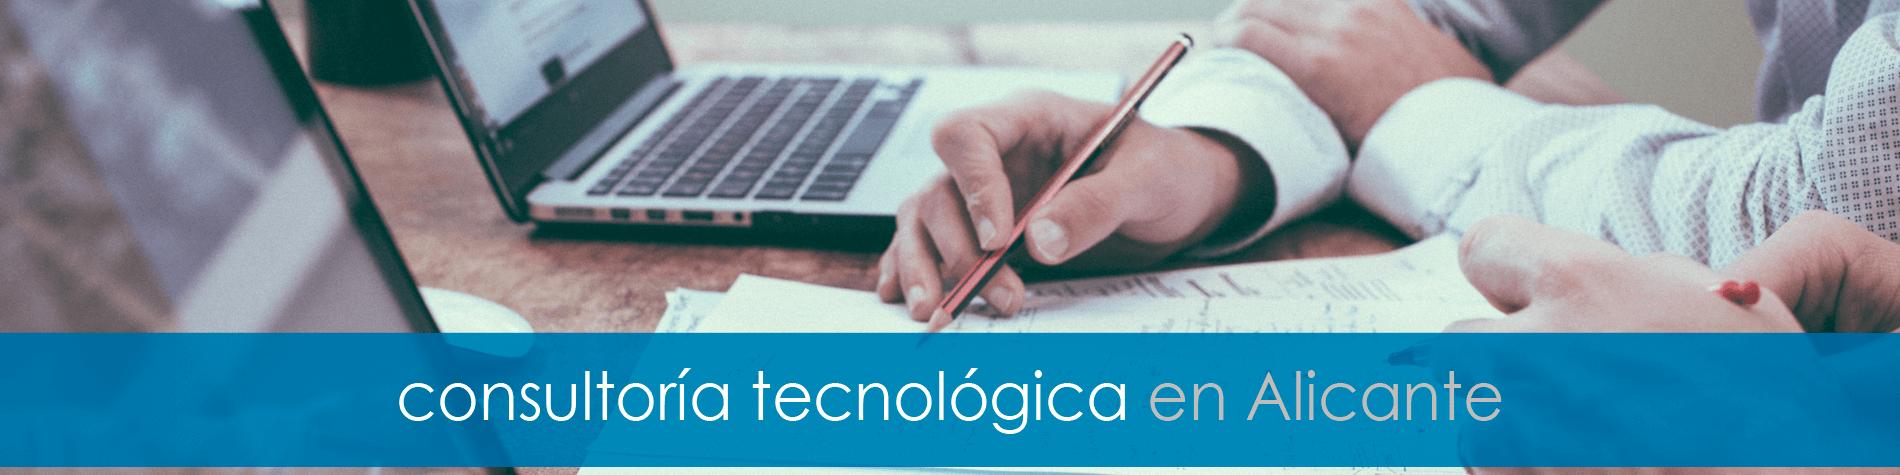 Consultoría informática en Alicante